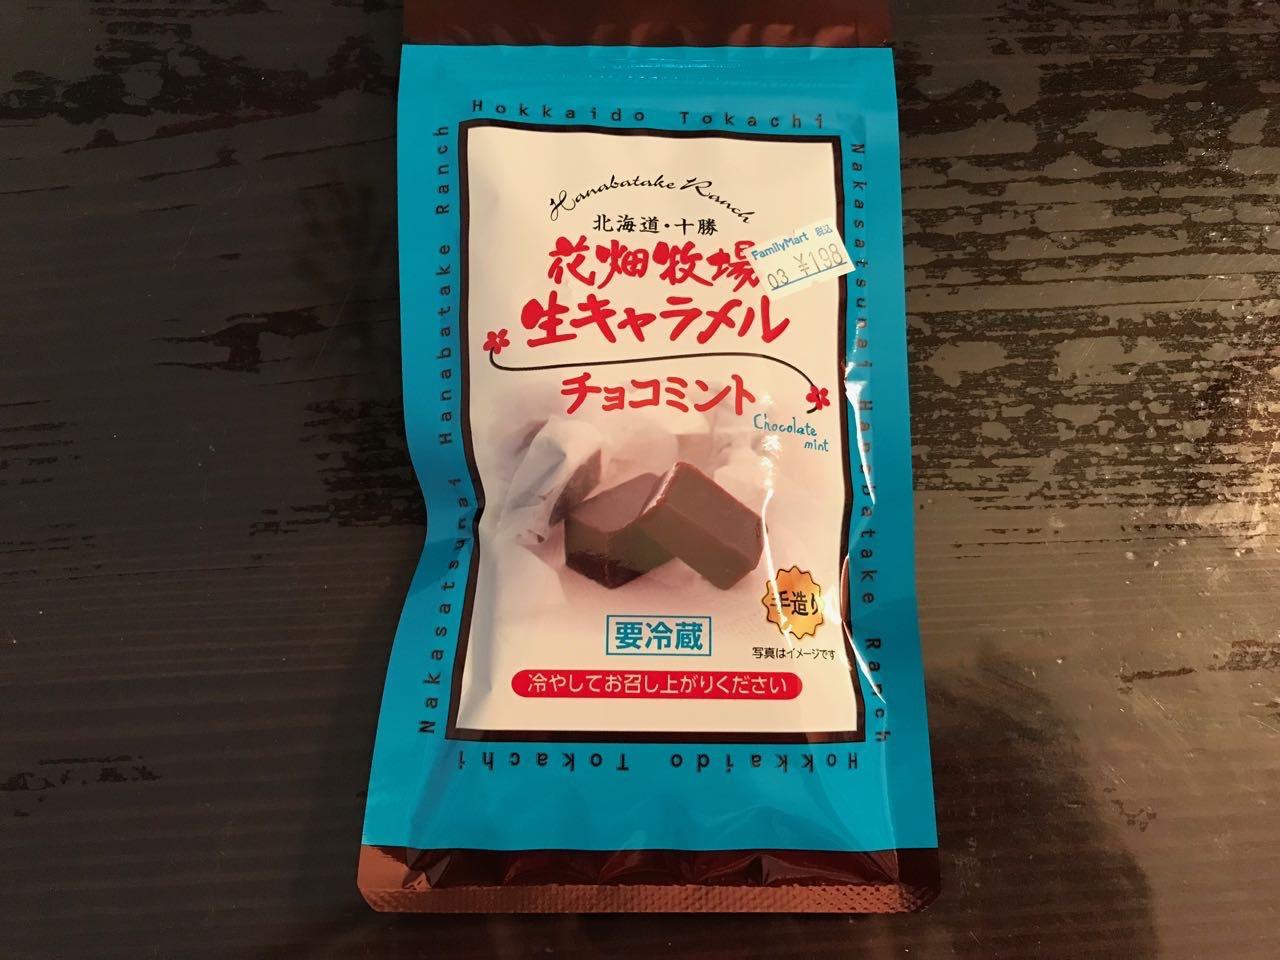 花畑牧場 生キャラメル チョコミント 遂にキャラメルにもチョコミント!一斉を風靡したあの商品とのコラボを食べてみた!